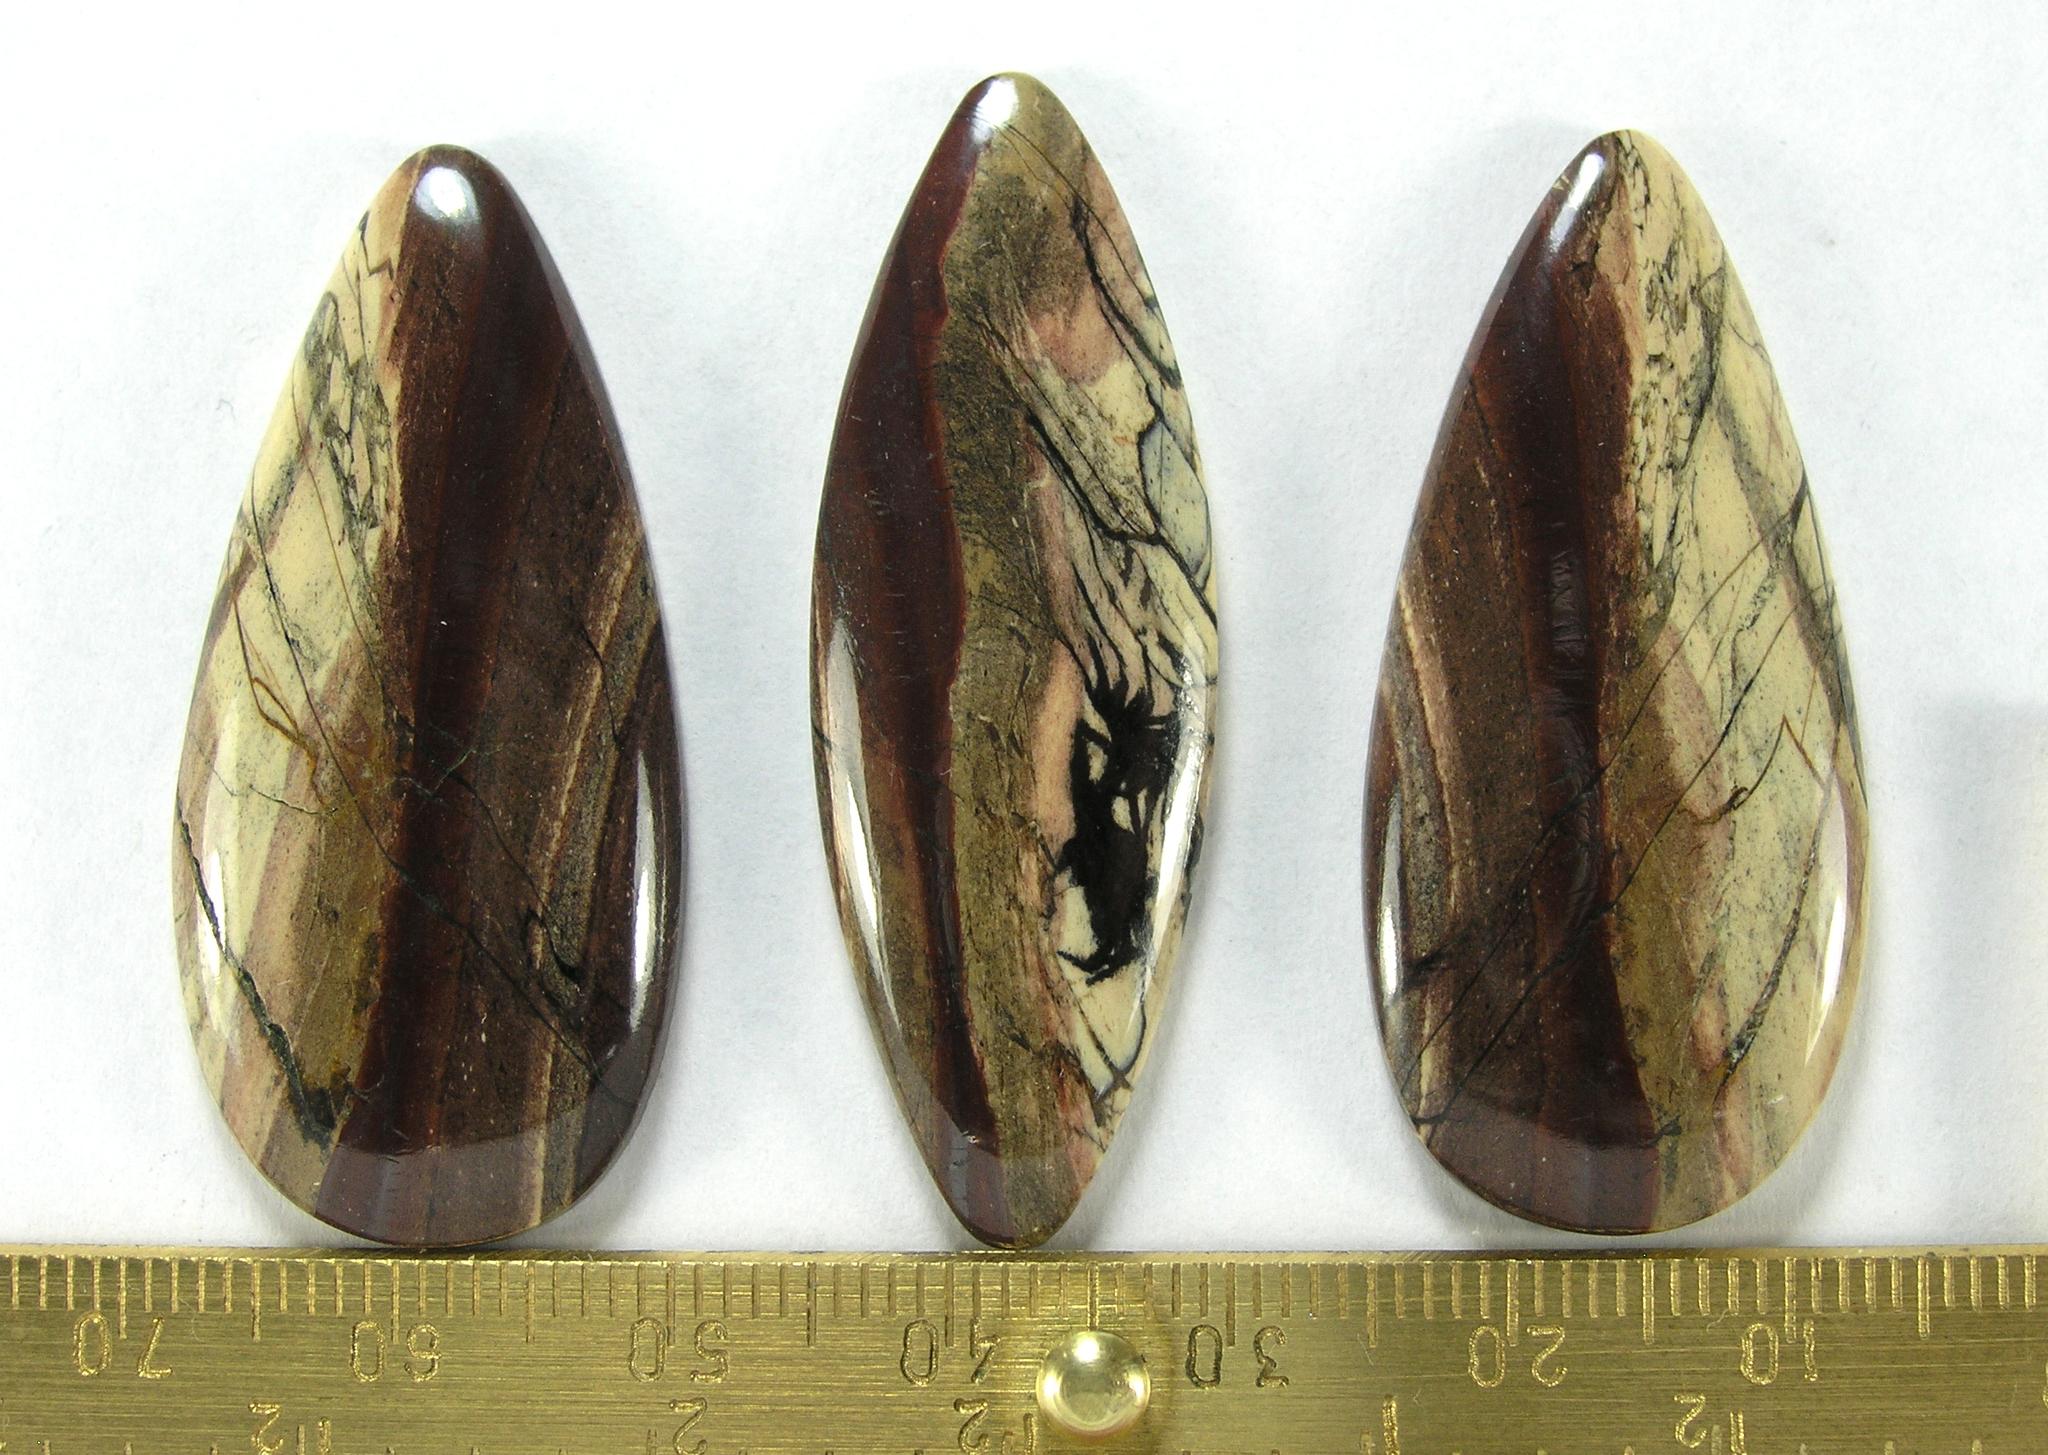 Комплект кабошонов яшмы калиновской 40x18x4 - 2 шт., 43x15x3 - 1 шт.